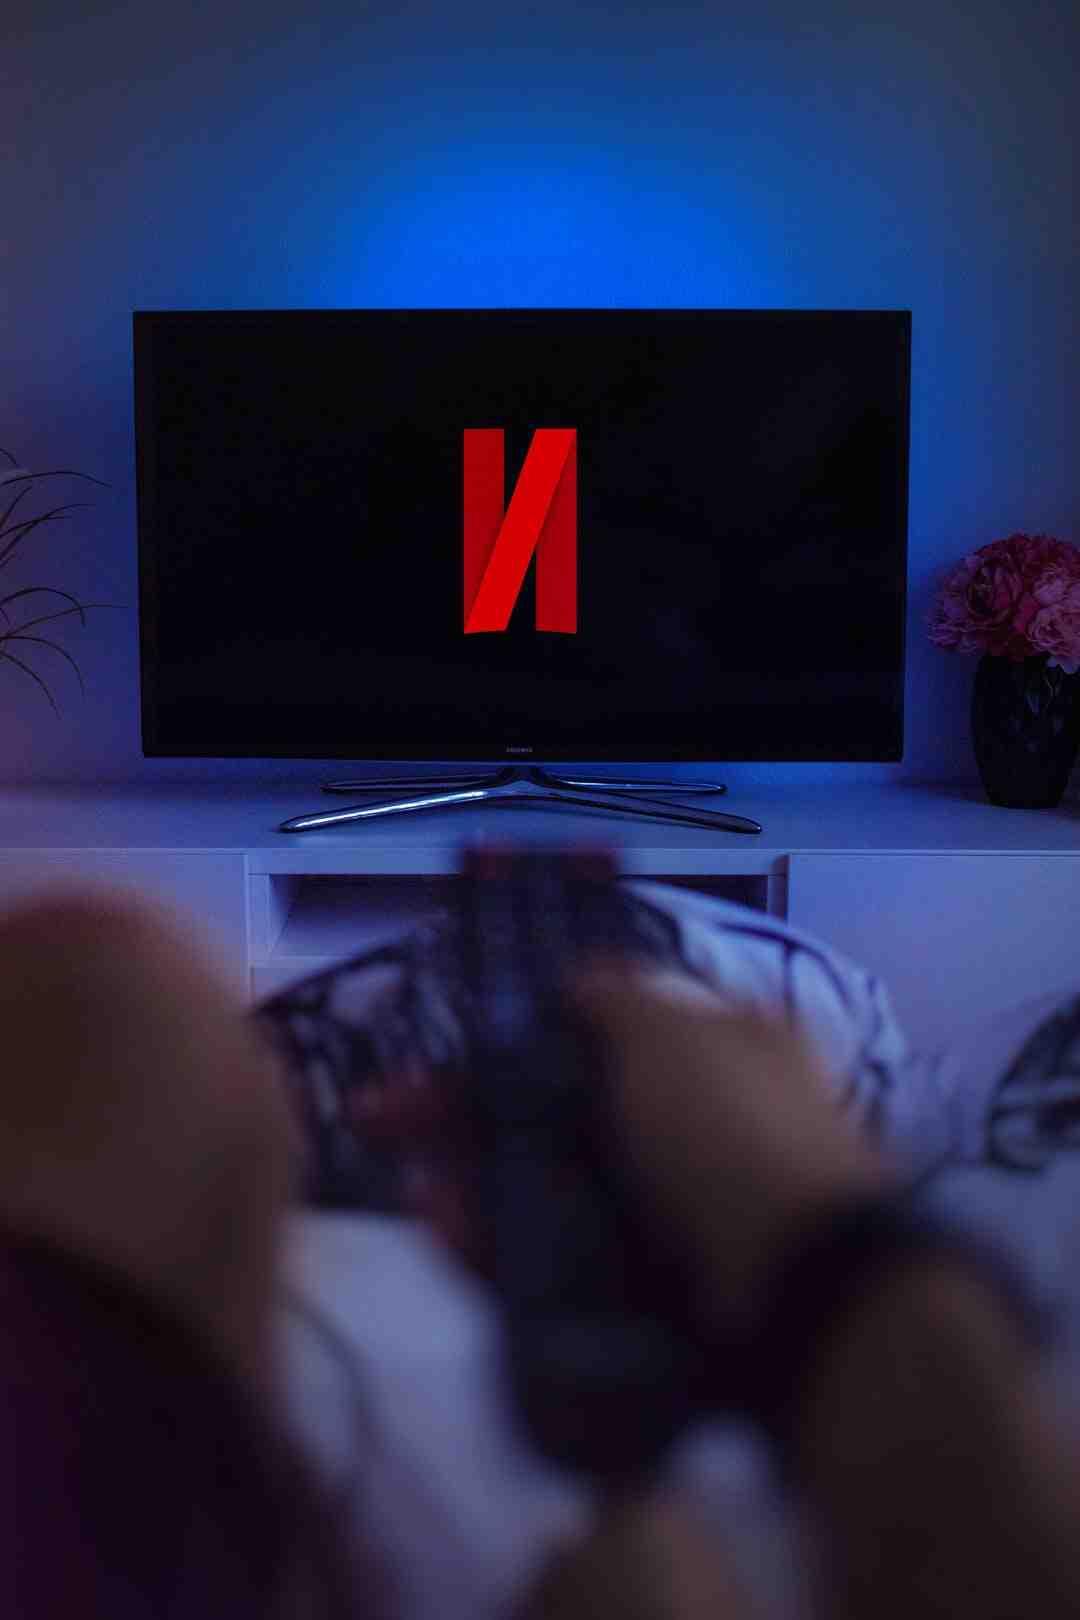 Comment mettre un bundle sur watched ?